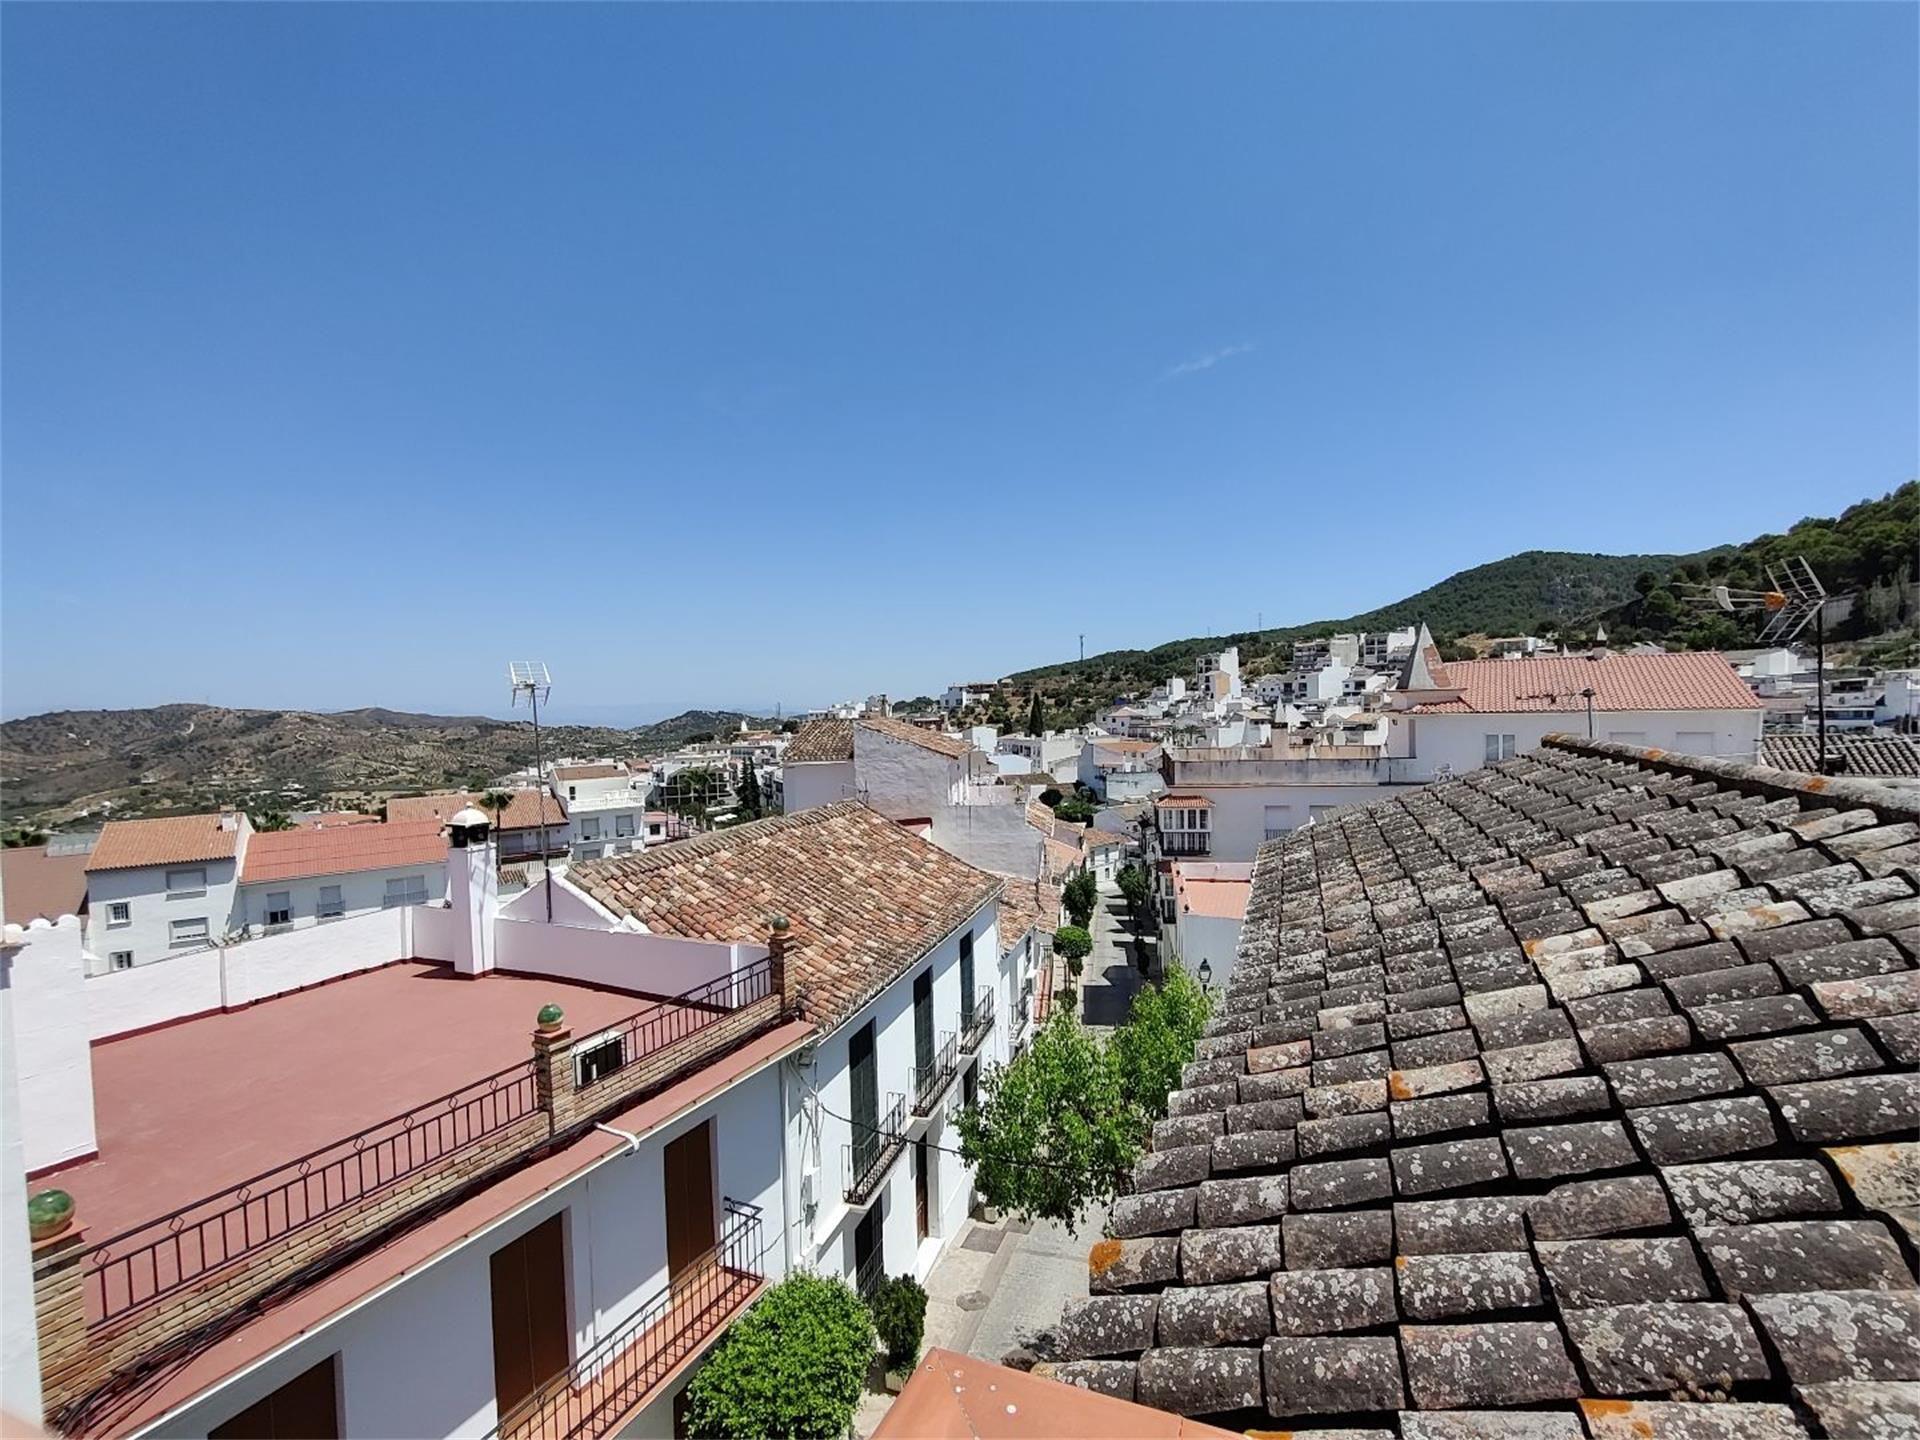 Ático de alquiler en Calle Valdescoba, Monda (Monda, Málaga)